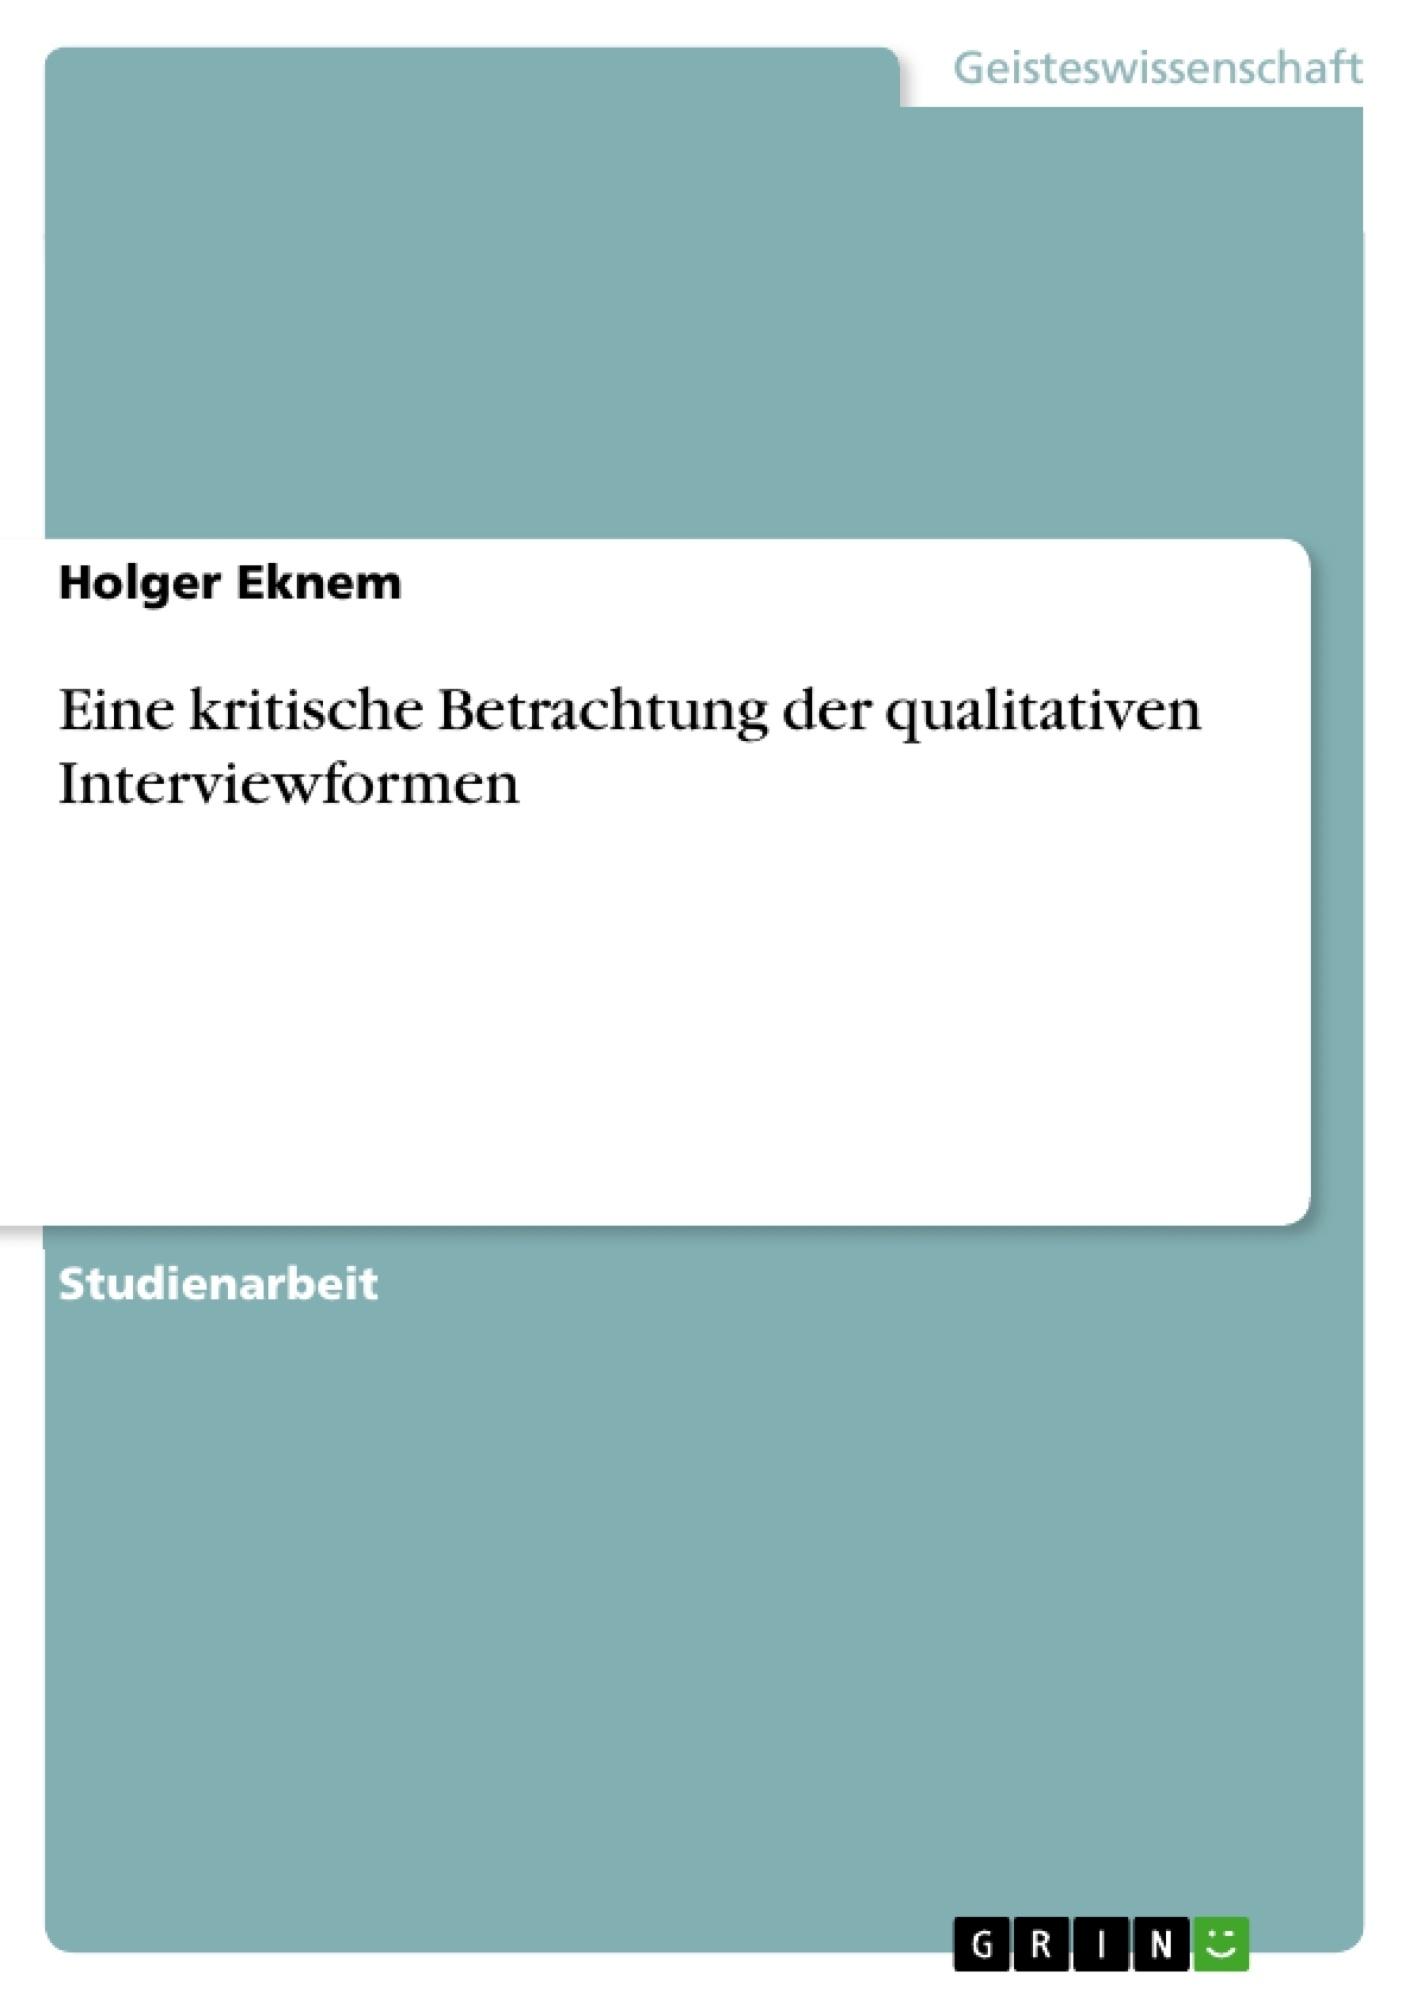 Titel: Eine kritische Betrachtung der qualitativen Interviewformen